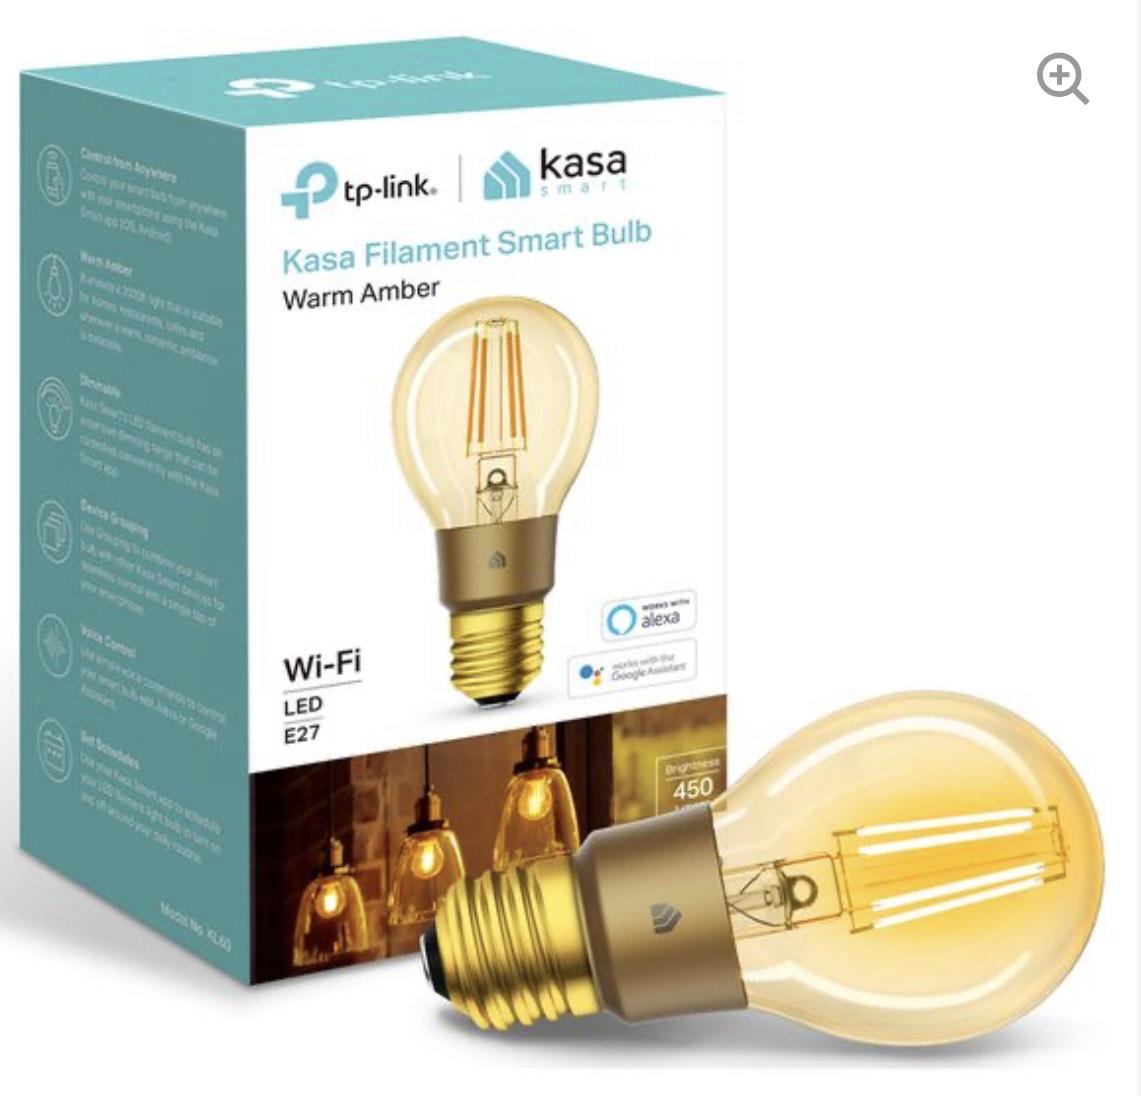 TP-LINK Kasa KL60 Filament Smart Bulb - E27 - £7.97 delivered @ Currys PC World